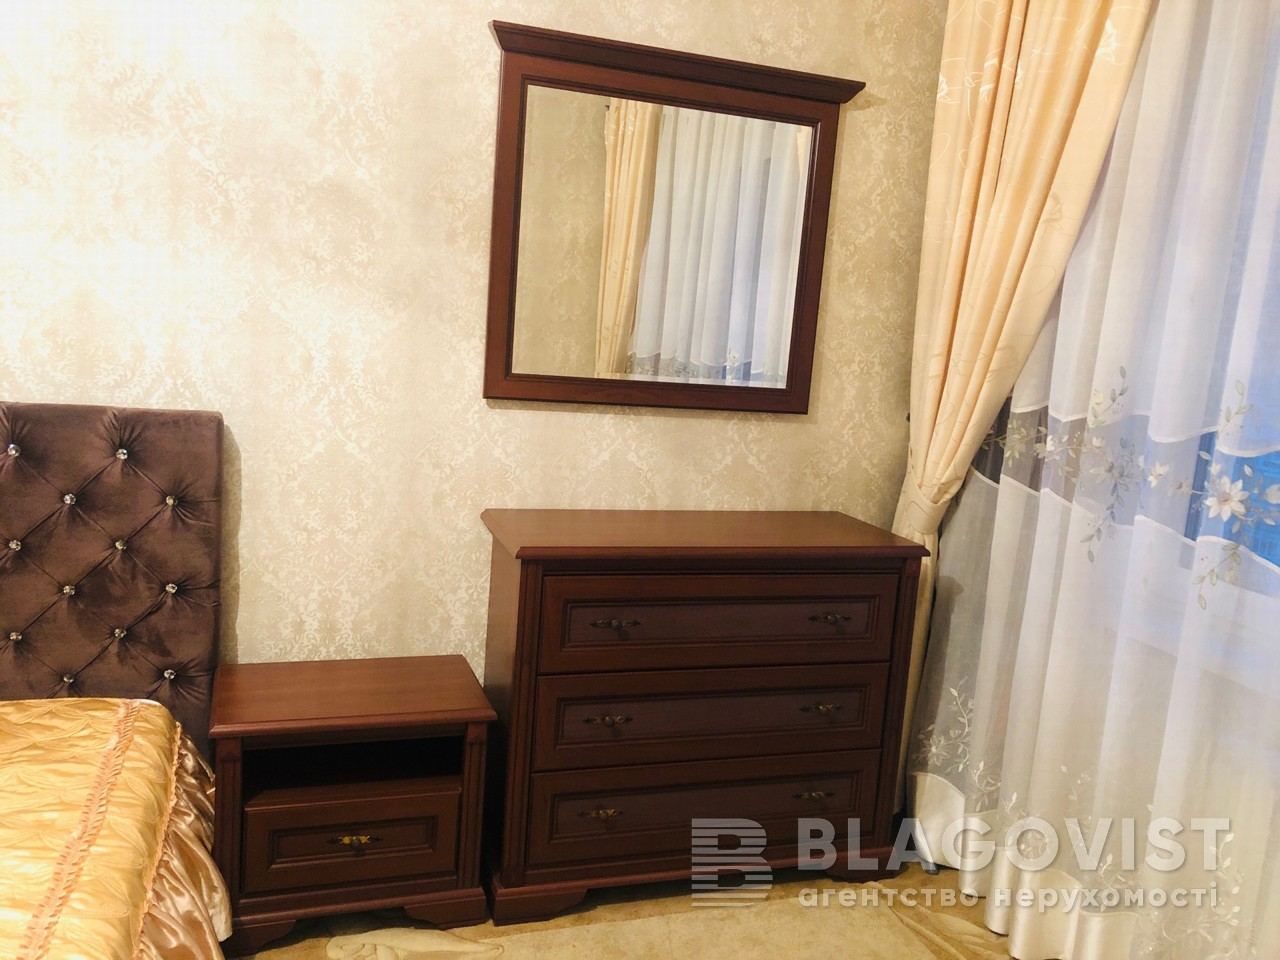 Квартира F-43945, Гонгадзе (Машиностроительная), 21а, Киев - Фото 11